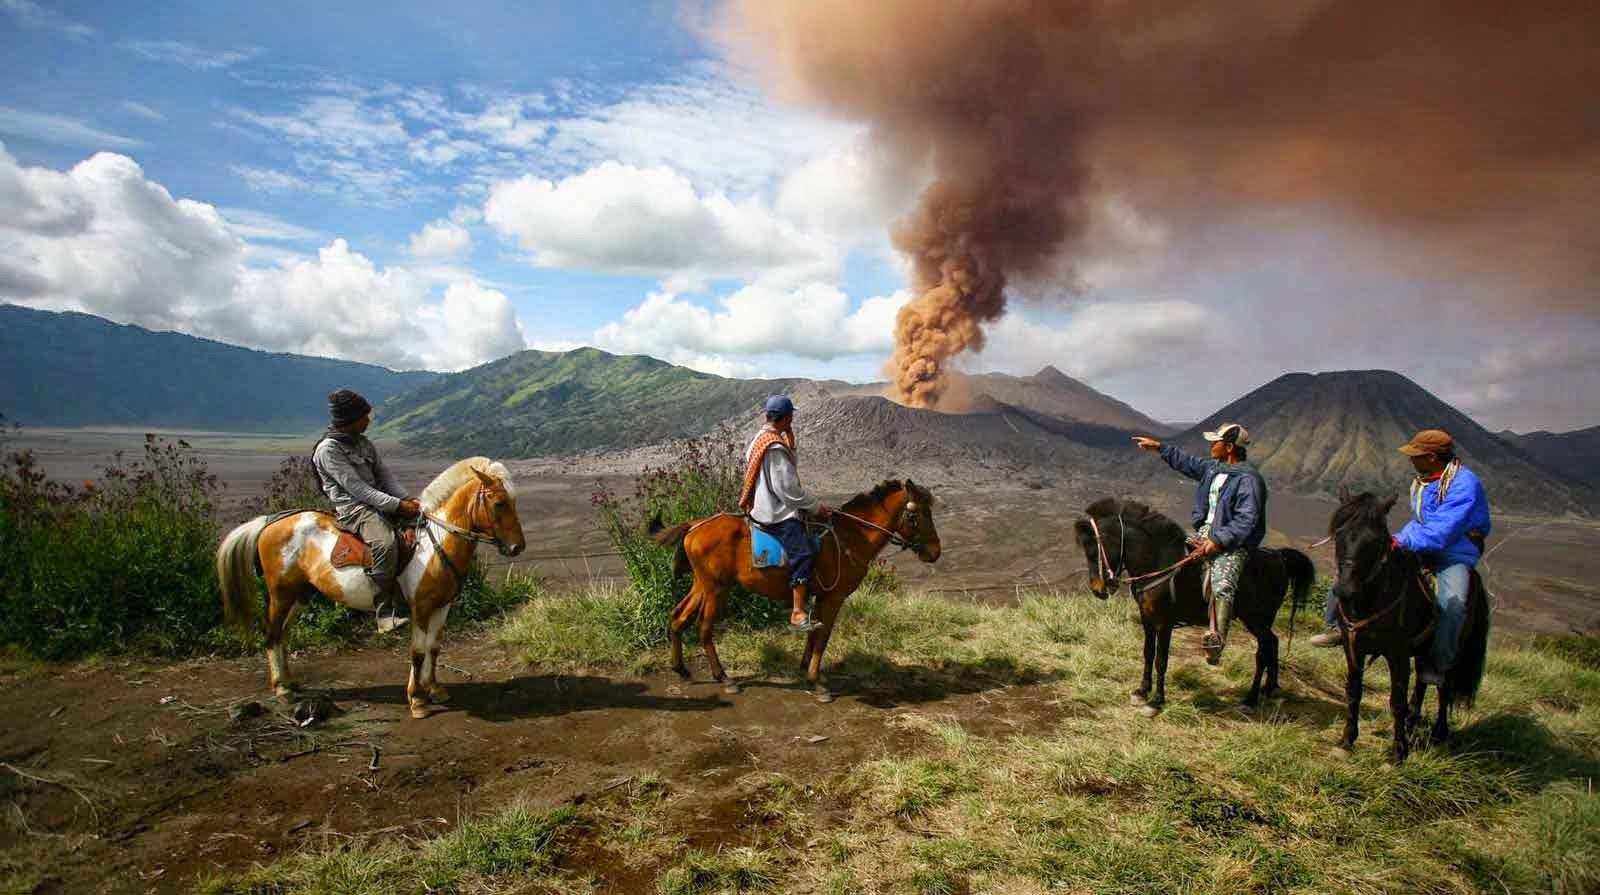 Sewa kuda di bromo